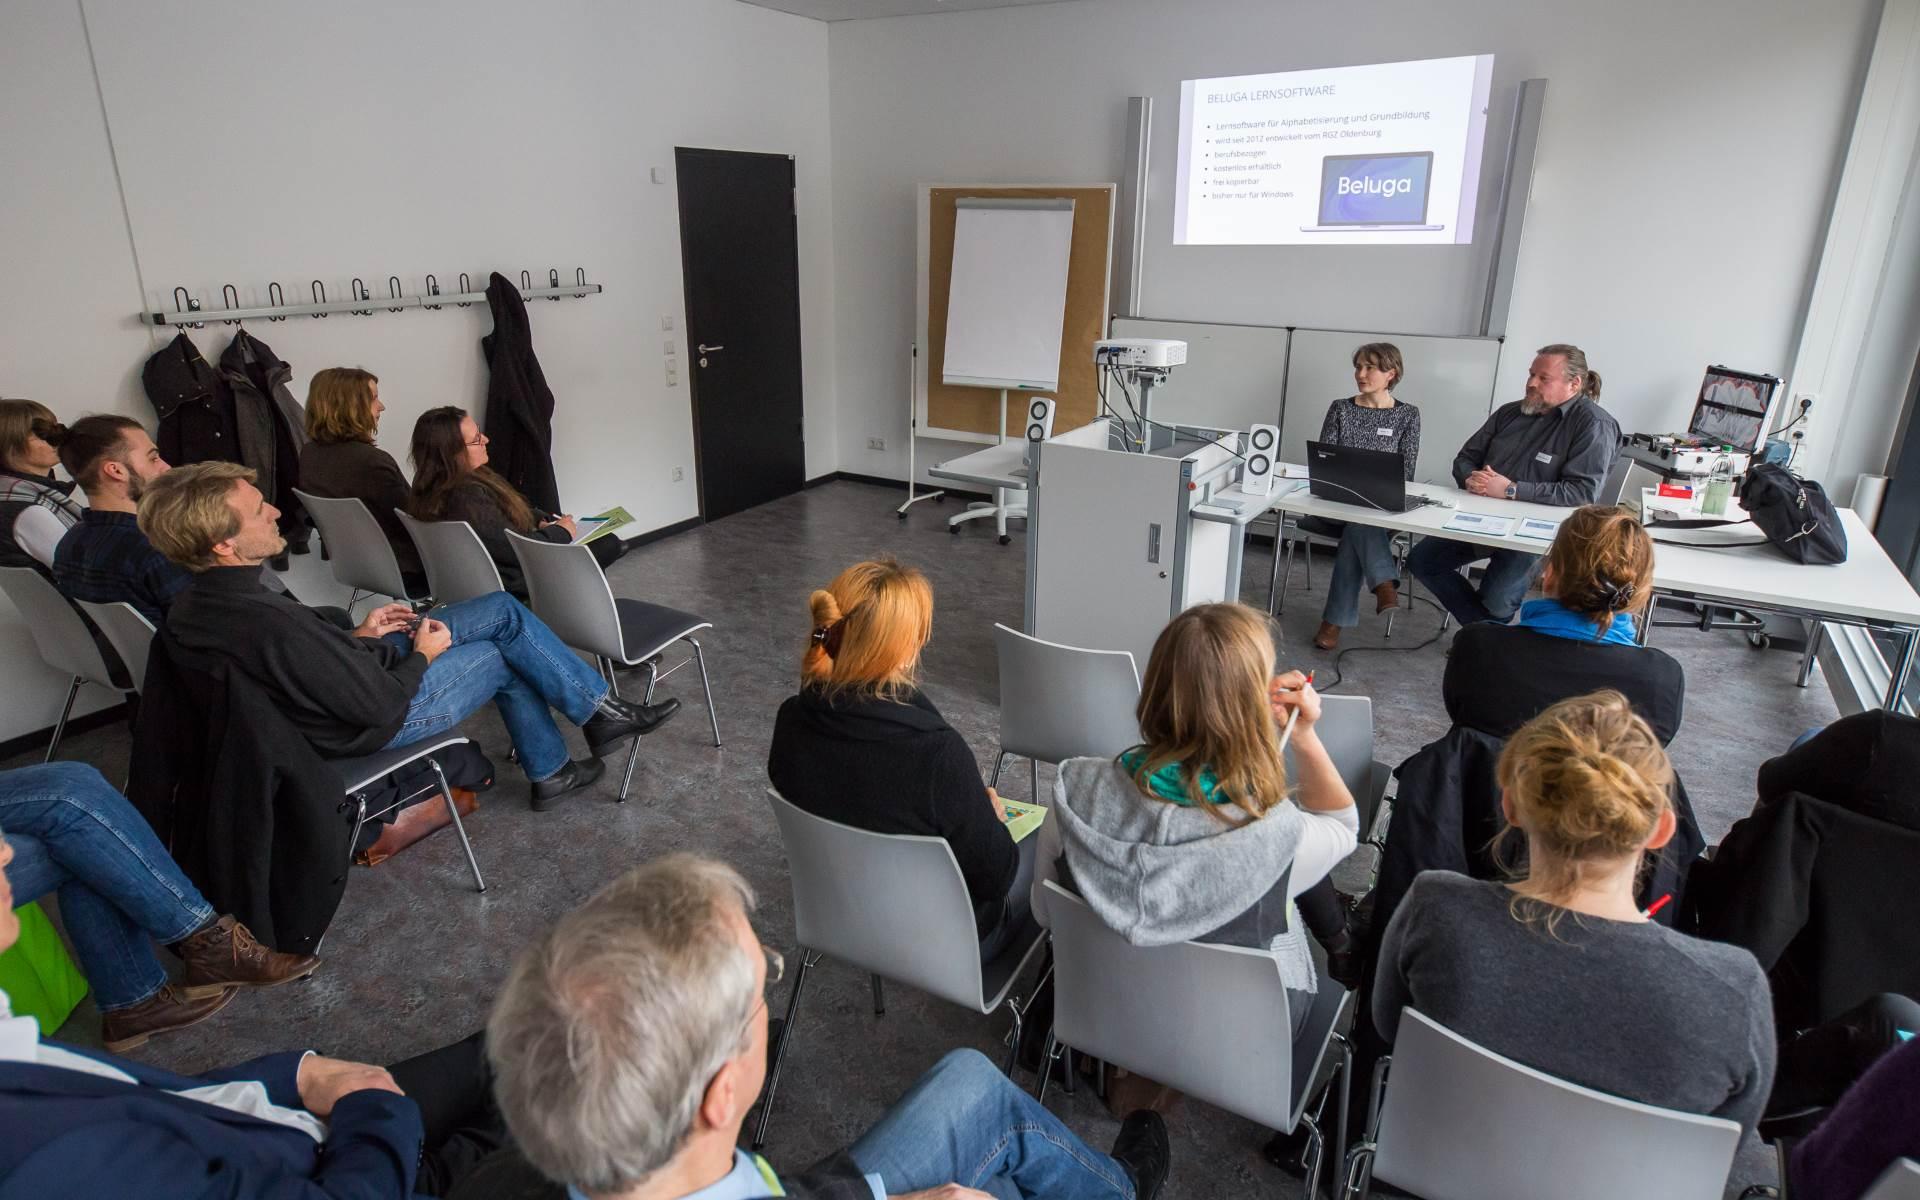 Nadine Engel und Karsten Cornelius in ihrem Workshop | Foto: Axel Herzig